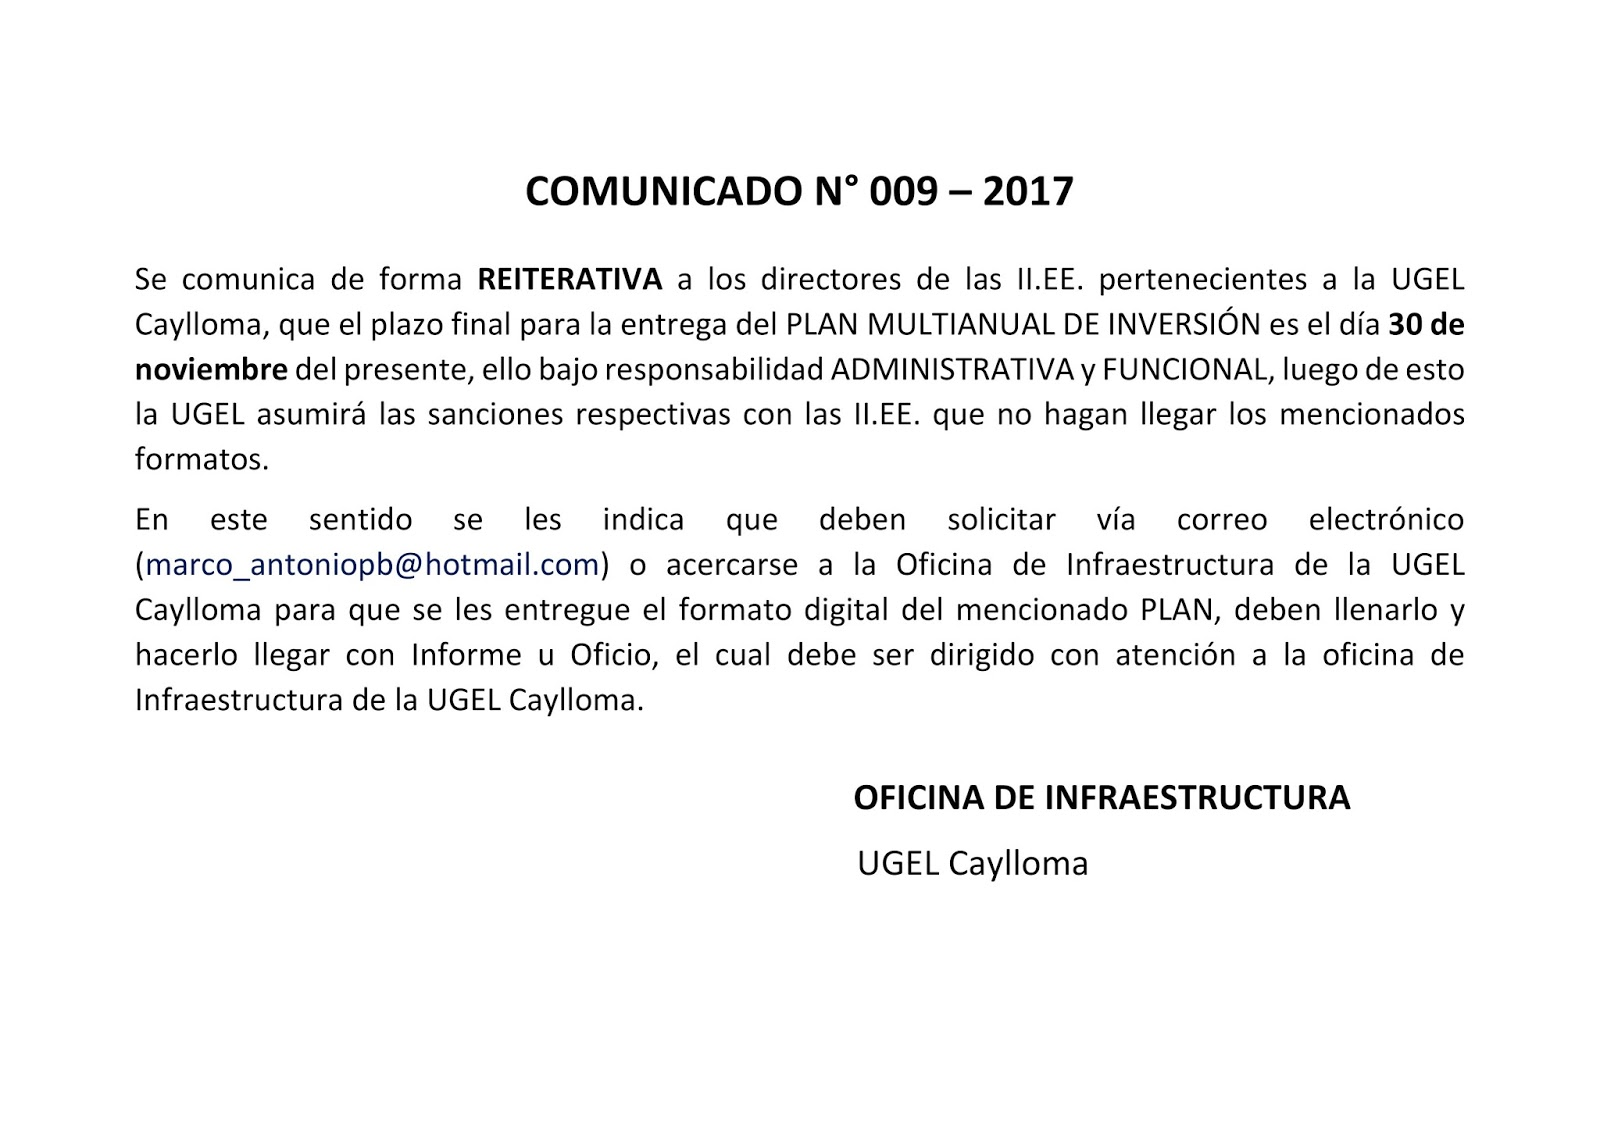 COMUNICADO N° 09 - 2017 PLAN MULTIANUAL DE INVERSIÓN - URGENTE ...